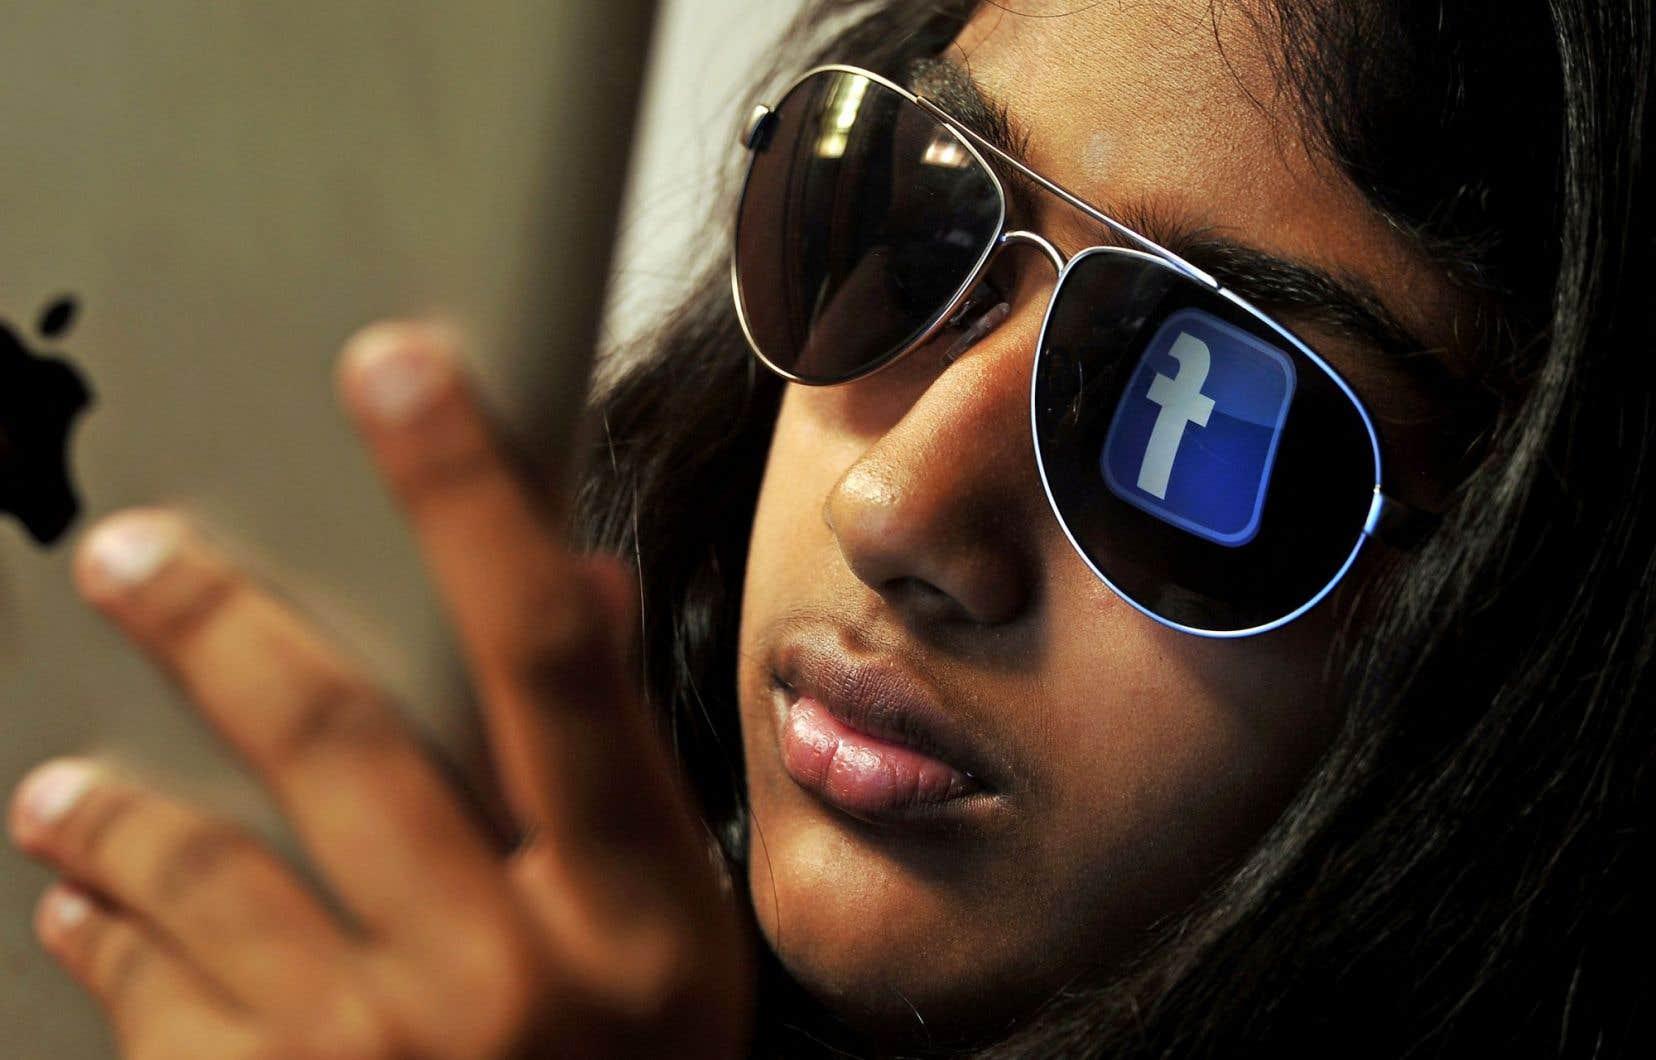 La plupart des géants de la Silicon Valley, dont Facebook, sont régulièrement accusés de vouloir échapper à l'impôt en faisant voyager leurs revenus d'un pays à l'autre grâce à des montages complexes, au gré des taux d'imposition.